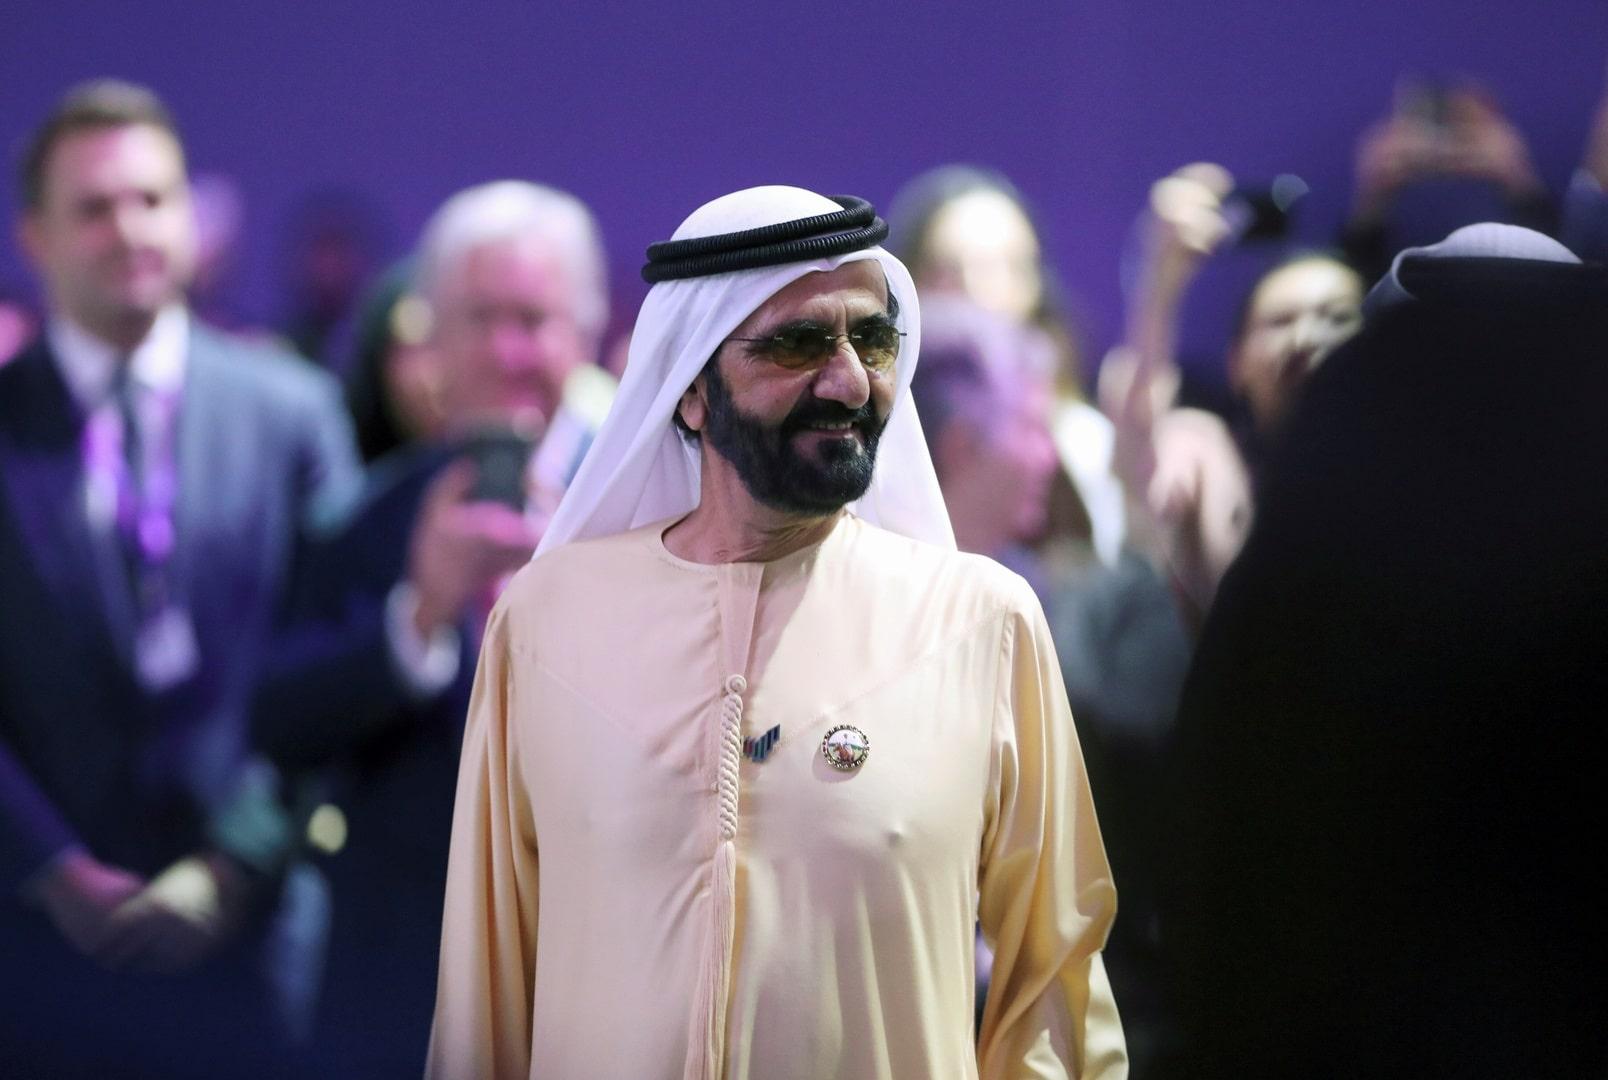 """إماراتيون يرفضون حملة """"الإمارات العالمية المتحدة"""" ويعتبرونها طمس للهوية الإماراتية"""